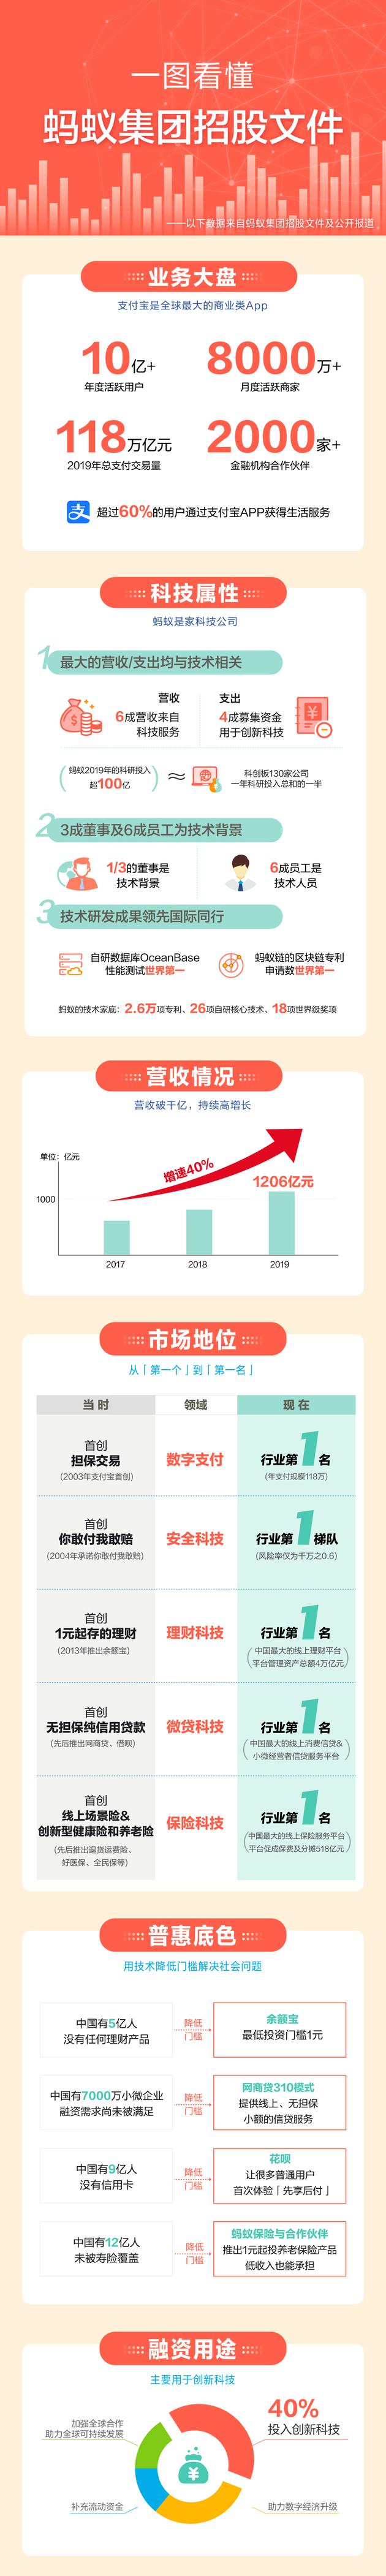 蚂蚁集团:支付宝月活用户 7.11 亿,花呗借呗服务用户约 5 亿-icbug创客